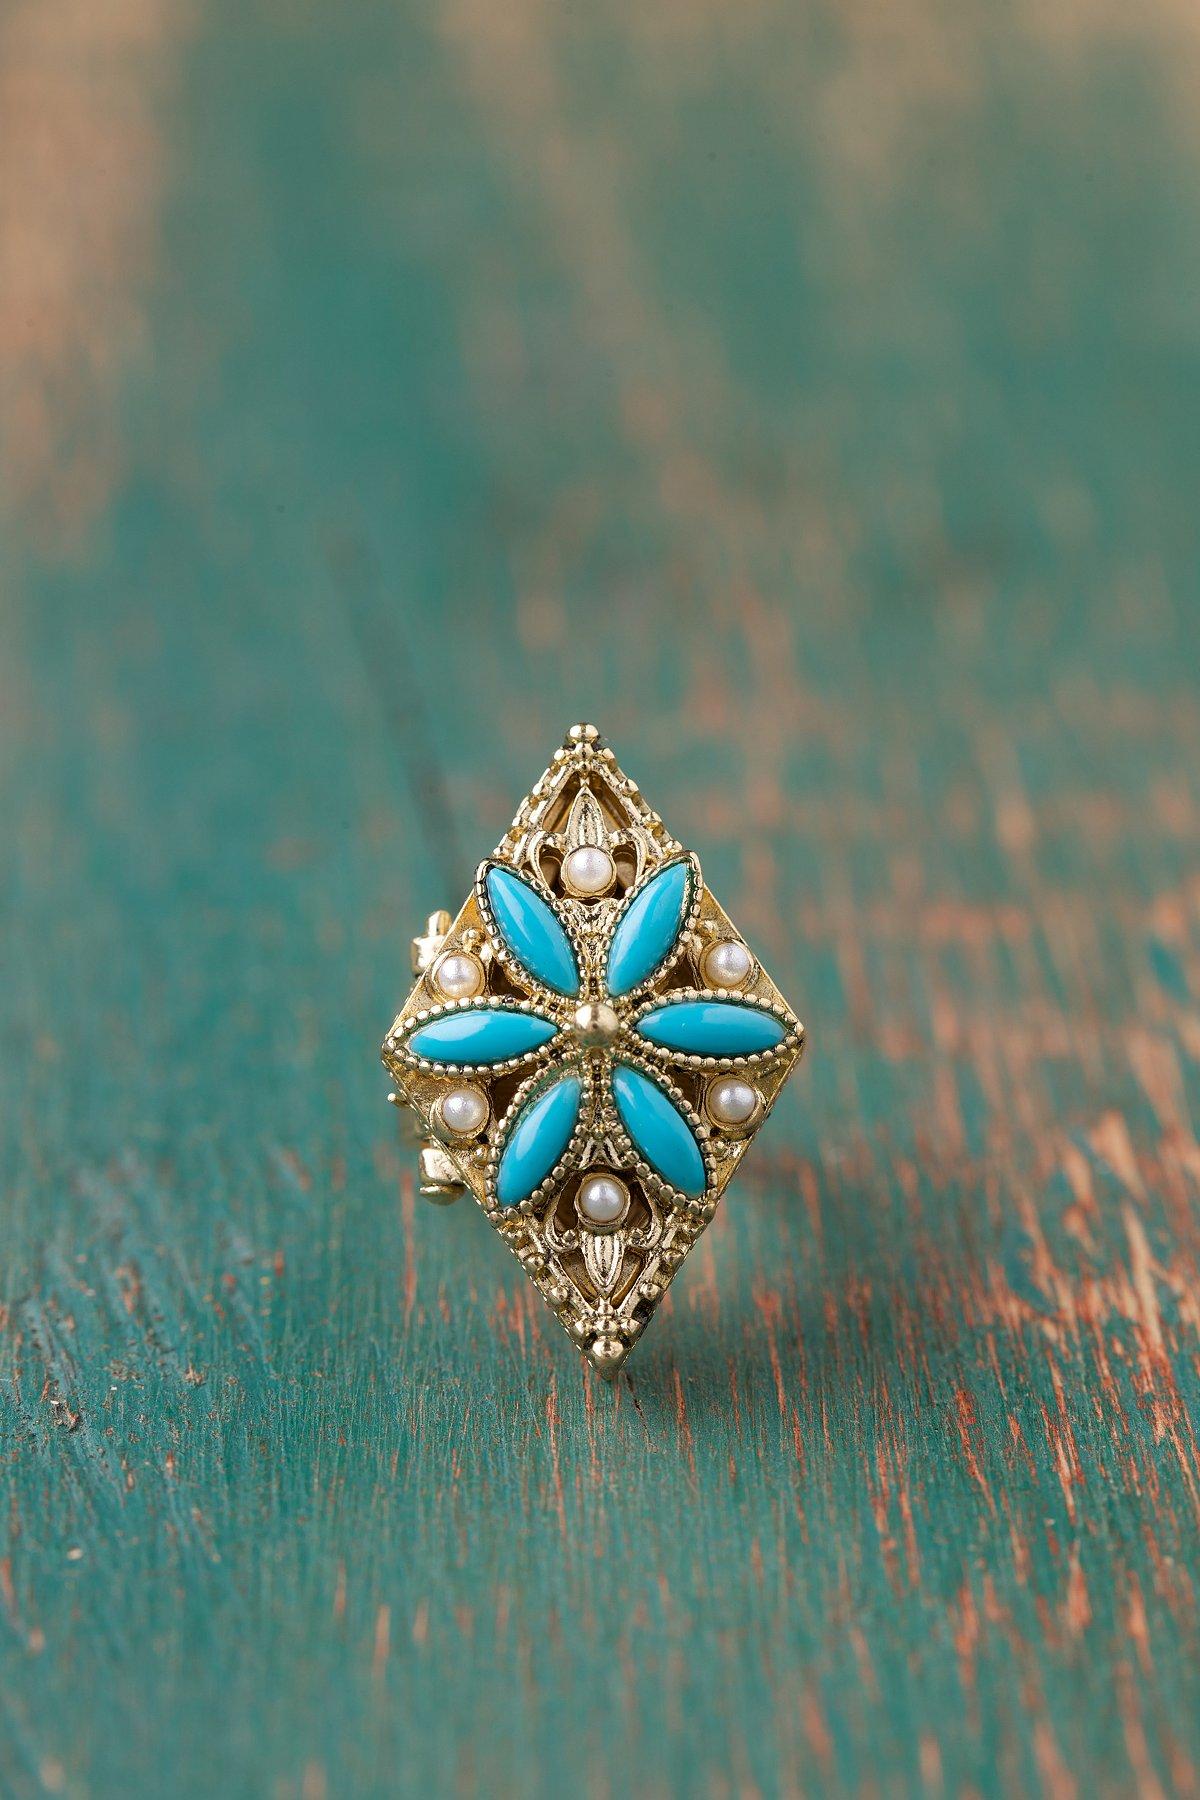 Marie Locket Ring